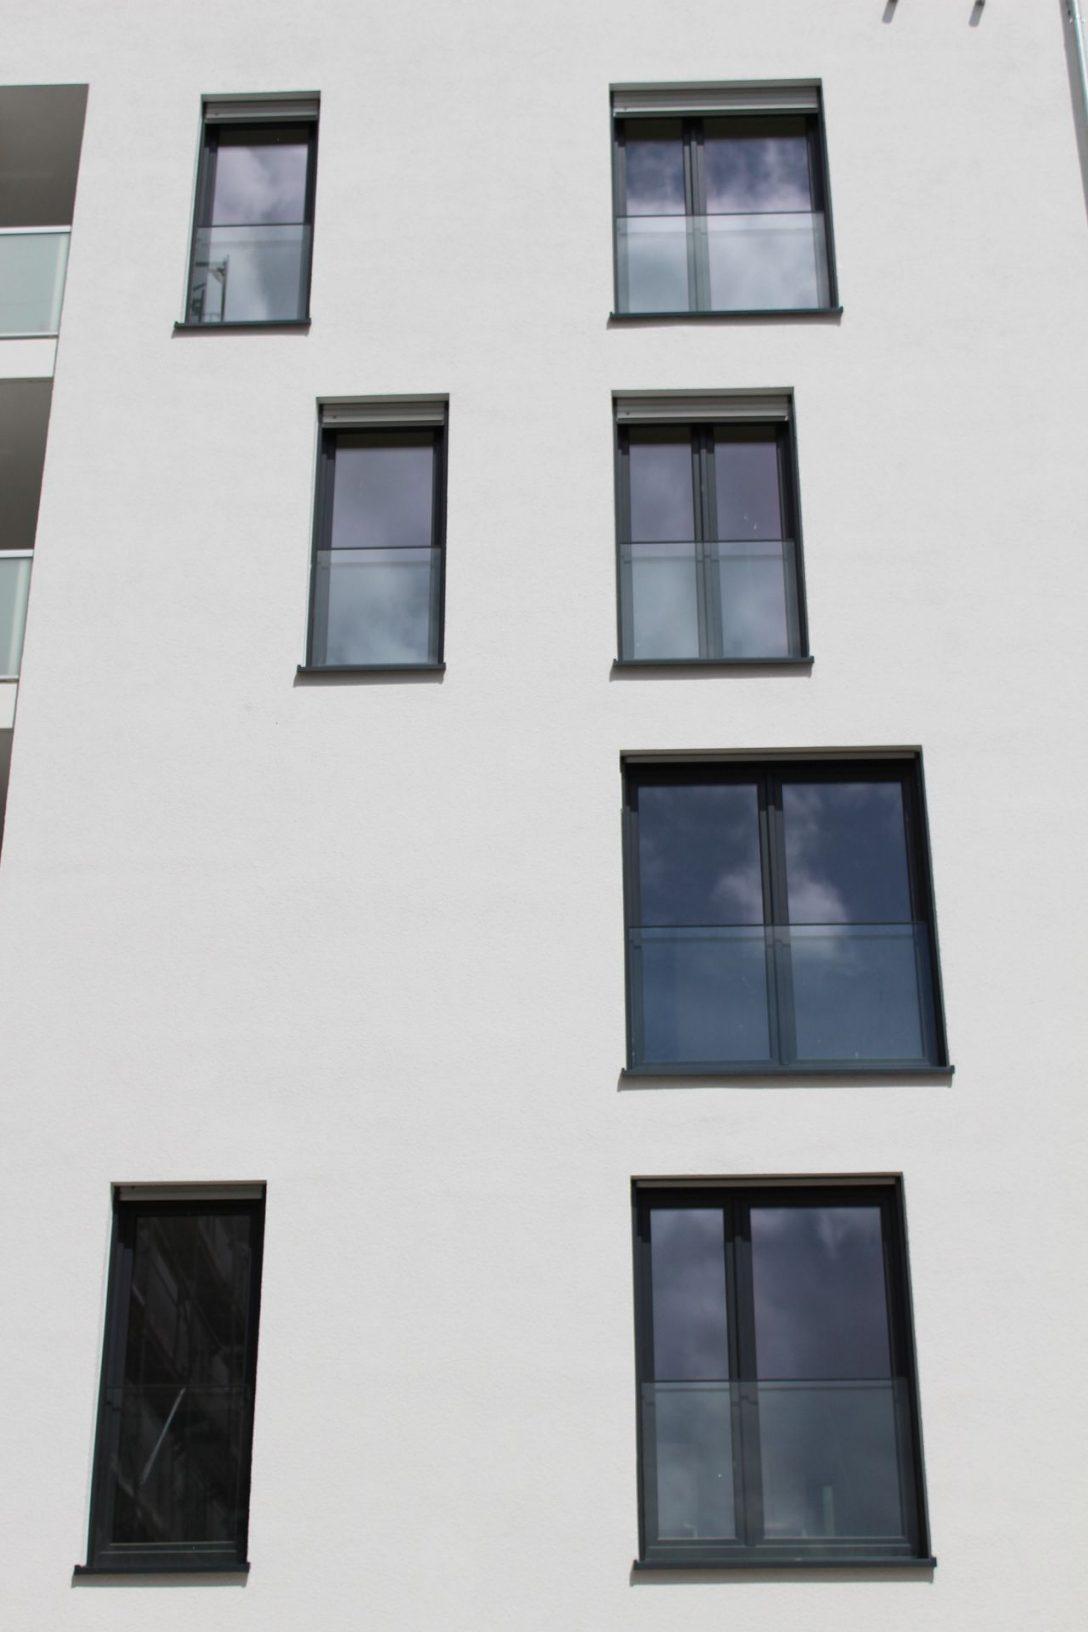 Large Size of Fenster Bodentief Bodentiefe Einbauen Kosten Machen Abdichten Neubau Detail Kaufen Anthrazit Video Umbauen Einbau Dwg Vor Estrich Geteilt Integrierte Fenster Fenster Bodentief